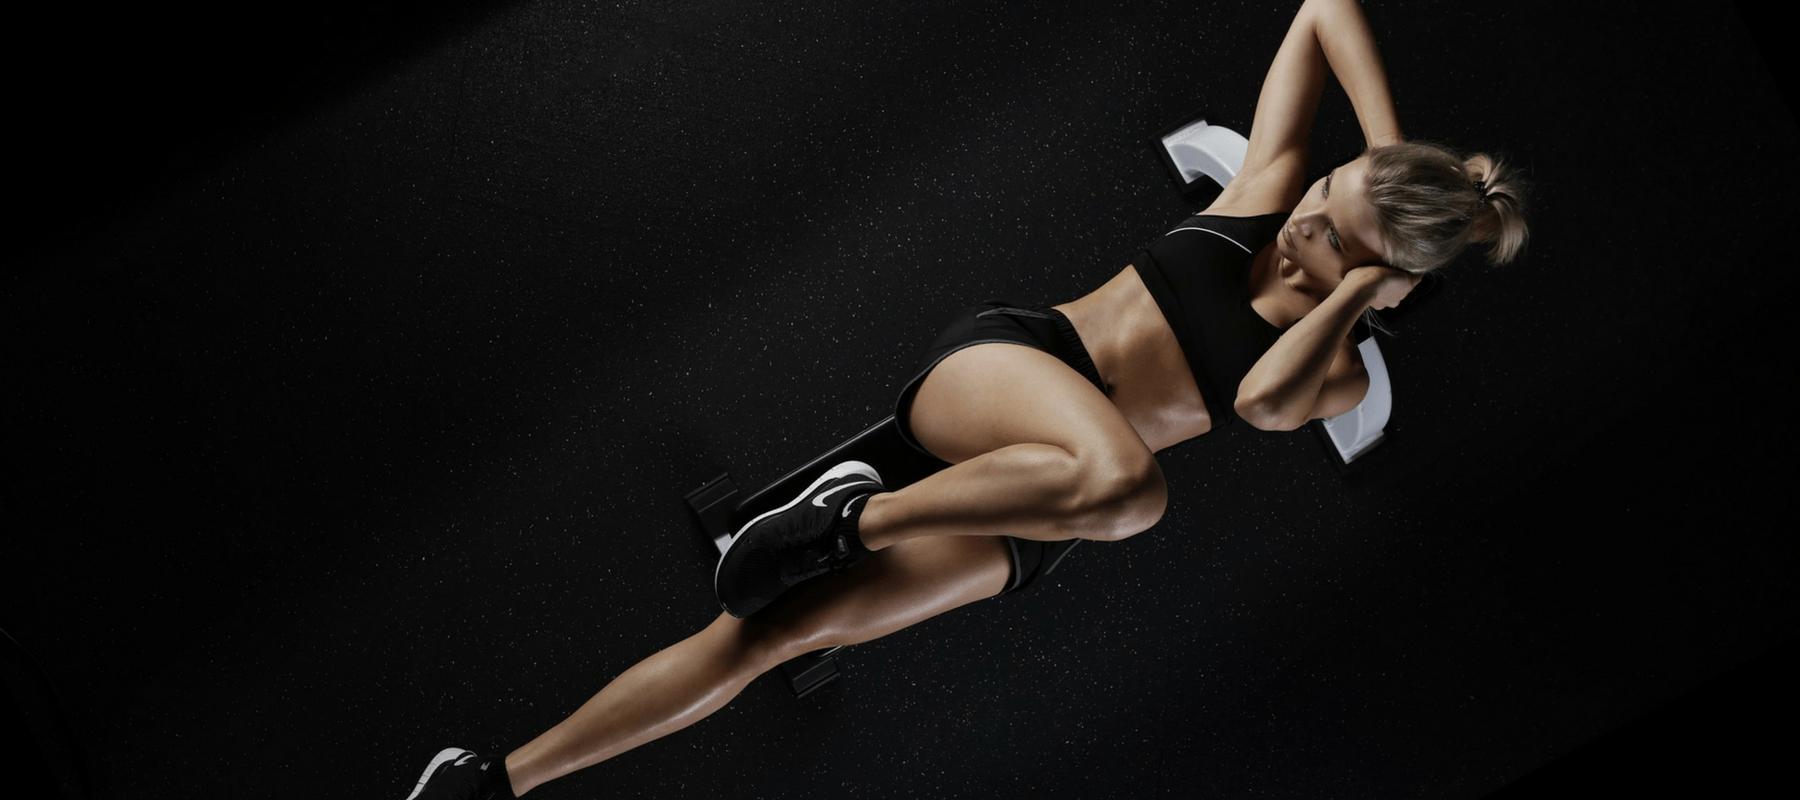 chiseled_girl_fitness_calisthenic_strength_training_for_women_over_50_slider_1